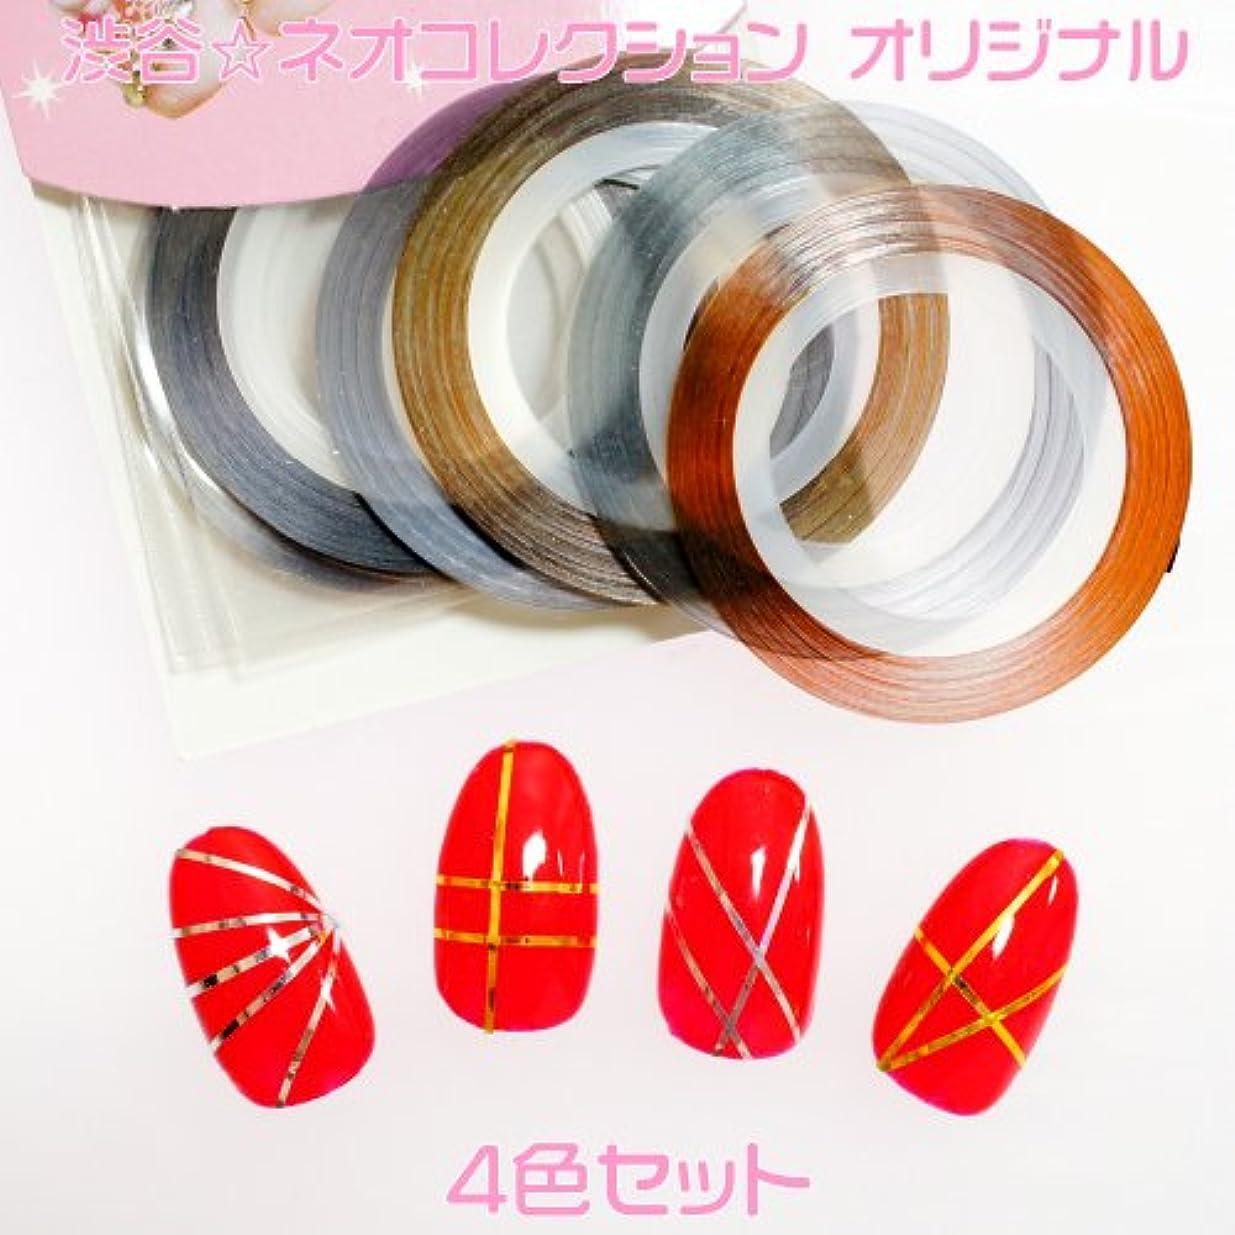 母性請求ペンフレンドネイルアート用 ラインテープ ゴールドシルバー4種セット ラインアートテープ